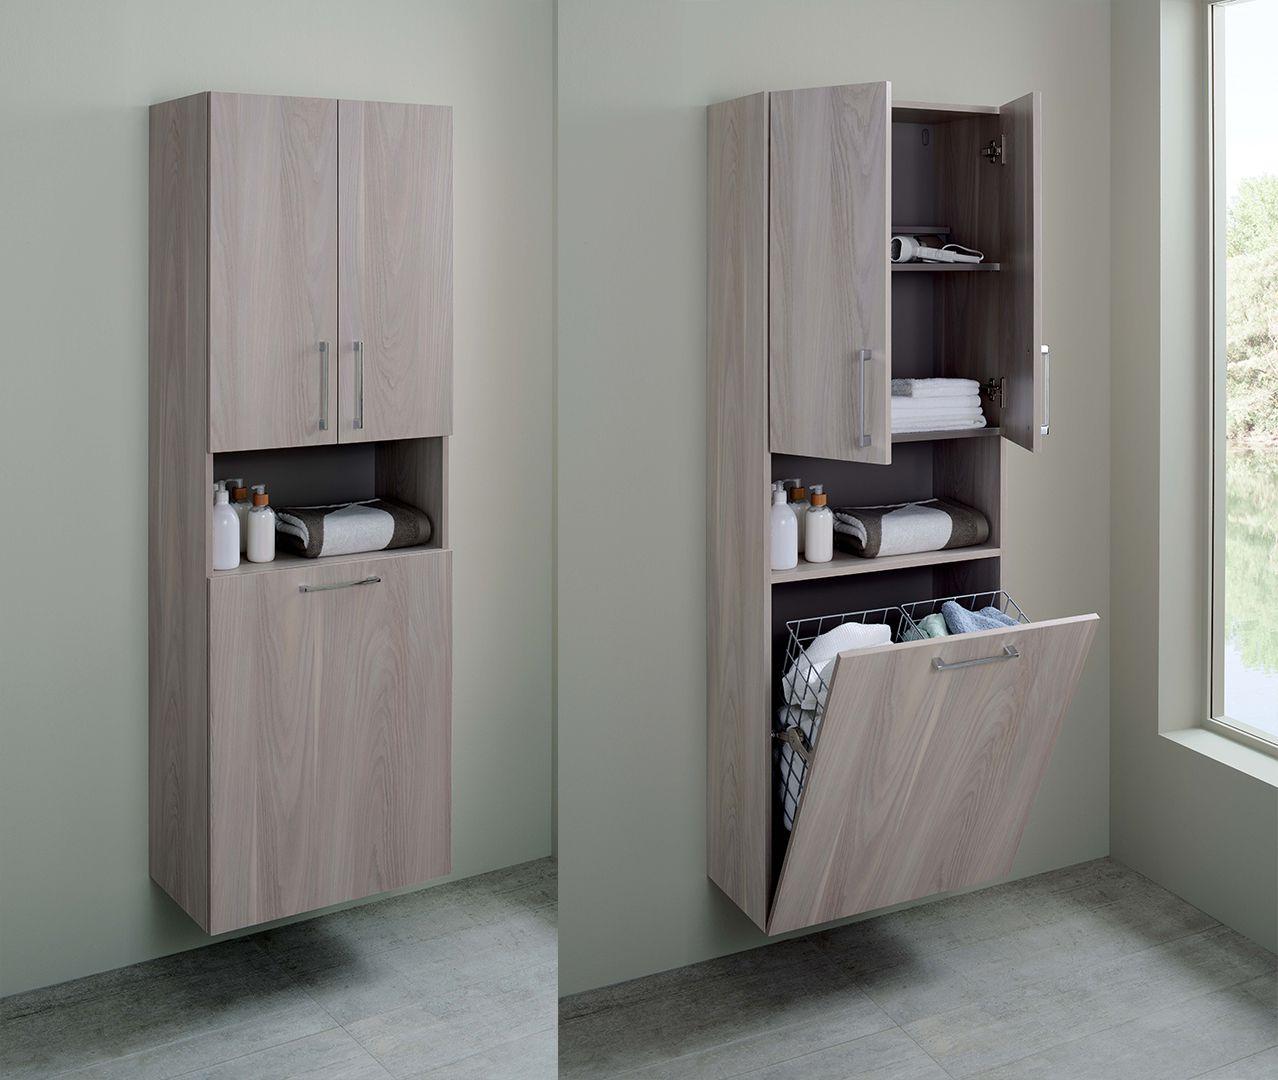 Astuce rangement choisissez une colonne de salle de bain avec un panier linge int gr - Astuce rangement produit salle de bain ...